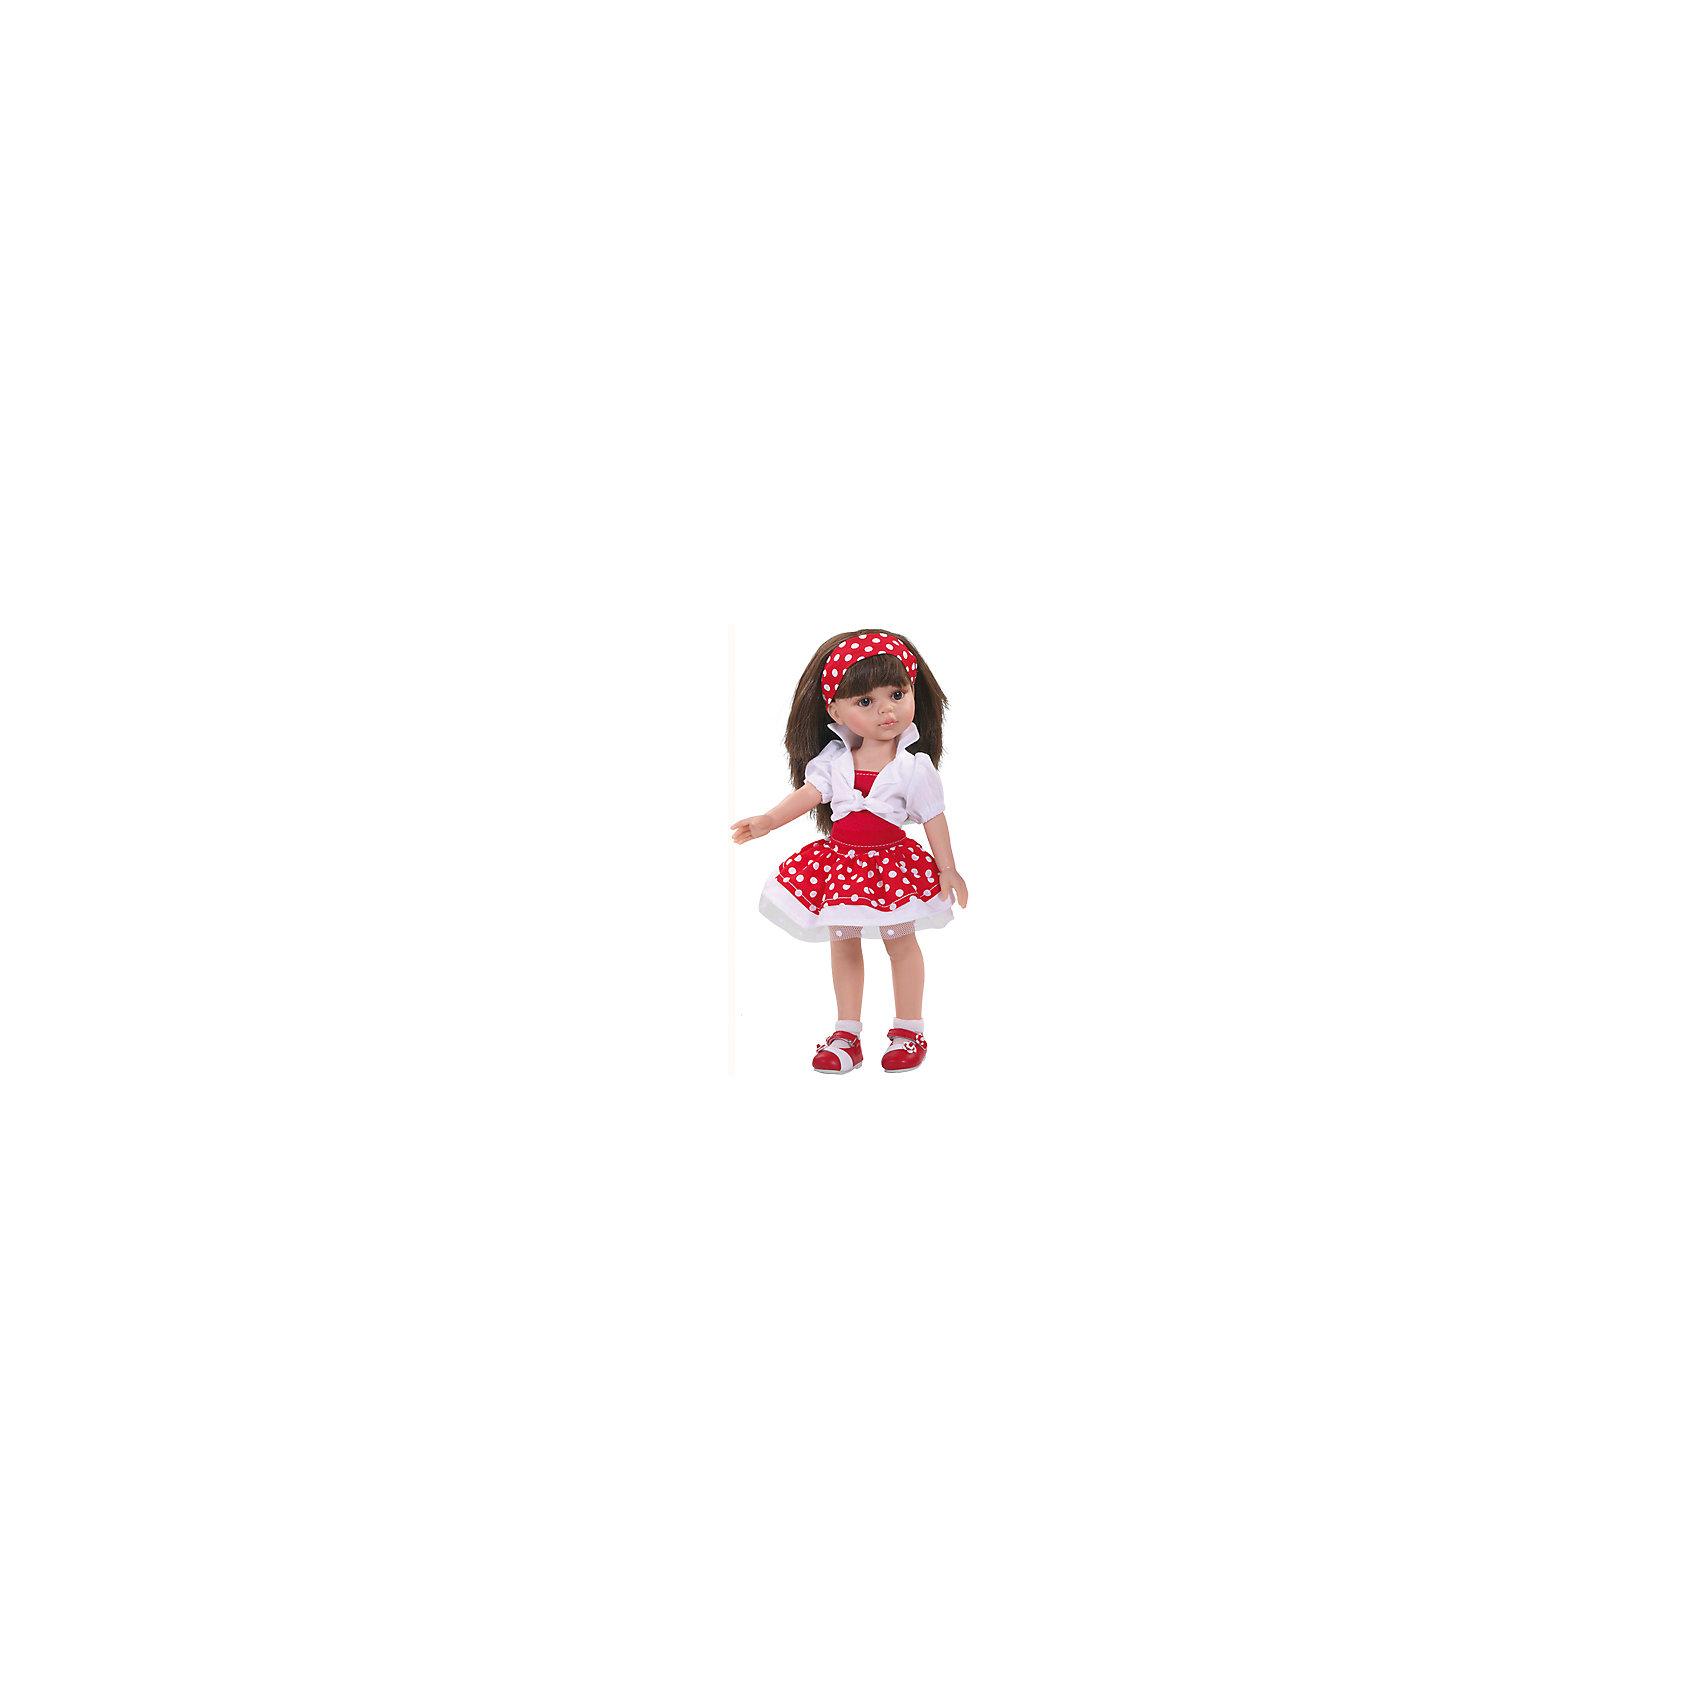 Кукла Карол, 32смКлассические куклы<br>Игра в куклы - это не только весело, но и помогает развить ключевые социальные навыки! Кукла Карол с длинными волосами, которые можно расчесывать, приведет в восторг любую девочку! Она сделана из высококачественного винила, одета в модный наряд. Её конечности подвижны,<br>а губы, щечки, веснушки и волосы – полностью ручная работа. Кукла приятно пахнет ванилью.<br>Эта кукла обязательно порадует ребенка! Он станет отличным подарком и поможет девочке развивать свою фантазию и мелкую моторику. Игрушка сделана из качественных и безопасных для ребенка материалов.<br><br>Дополнительная информация:<br><br>цвет: разноцветный;<br>высота: 32 см;<br>вес: 667 г;<br>комплектация: кукла, одежда, аксессуары;<br>материал: винил.<br><br>Куклу Карол, 32 см можно купить в нашем магазине.<br><br>Ширина мм: 11<br>Глубина мм: 23<br>Высота мм: 41<br>Вес г: 667<br>Возраст от месяцев: 36<br>Возраст до месяцев: 144<br>Пол: Женский<br>Возраст: Детский<br>SKU: 4918671